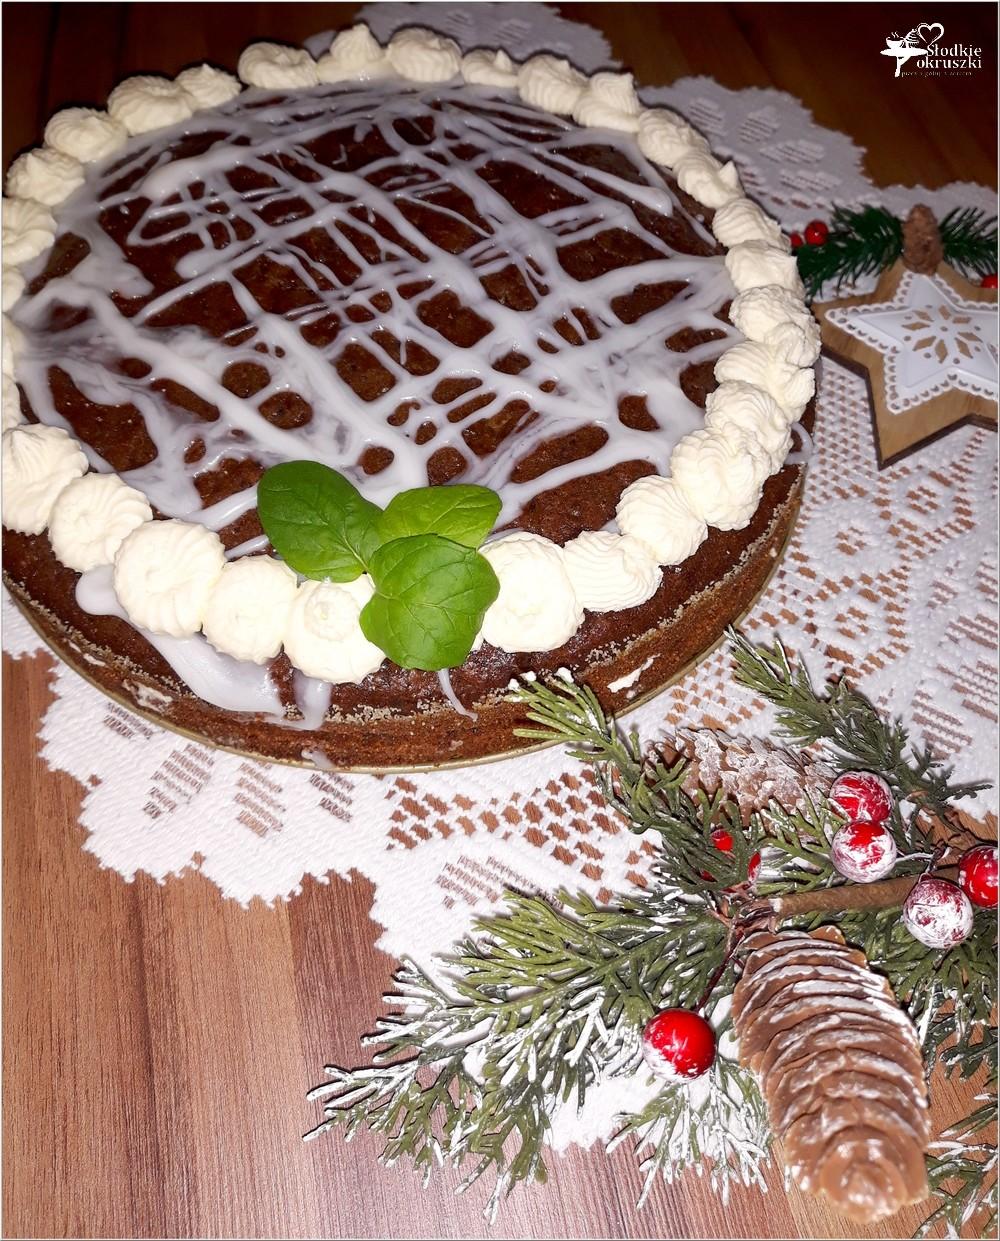 Świąteczny piernikowy tort z cytrynowym kremem i wisienkami (5)